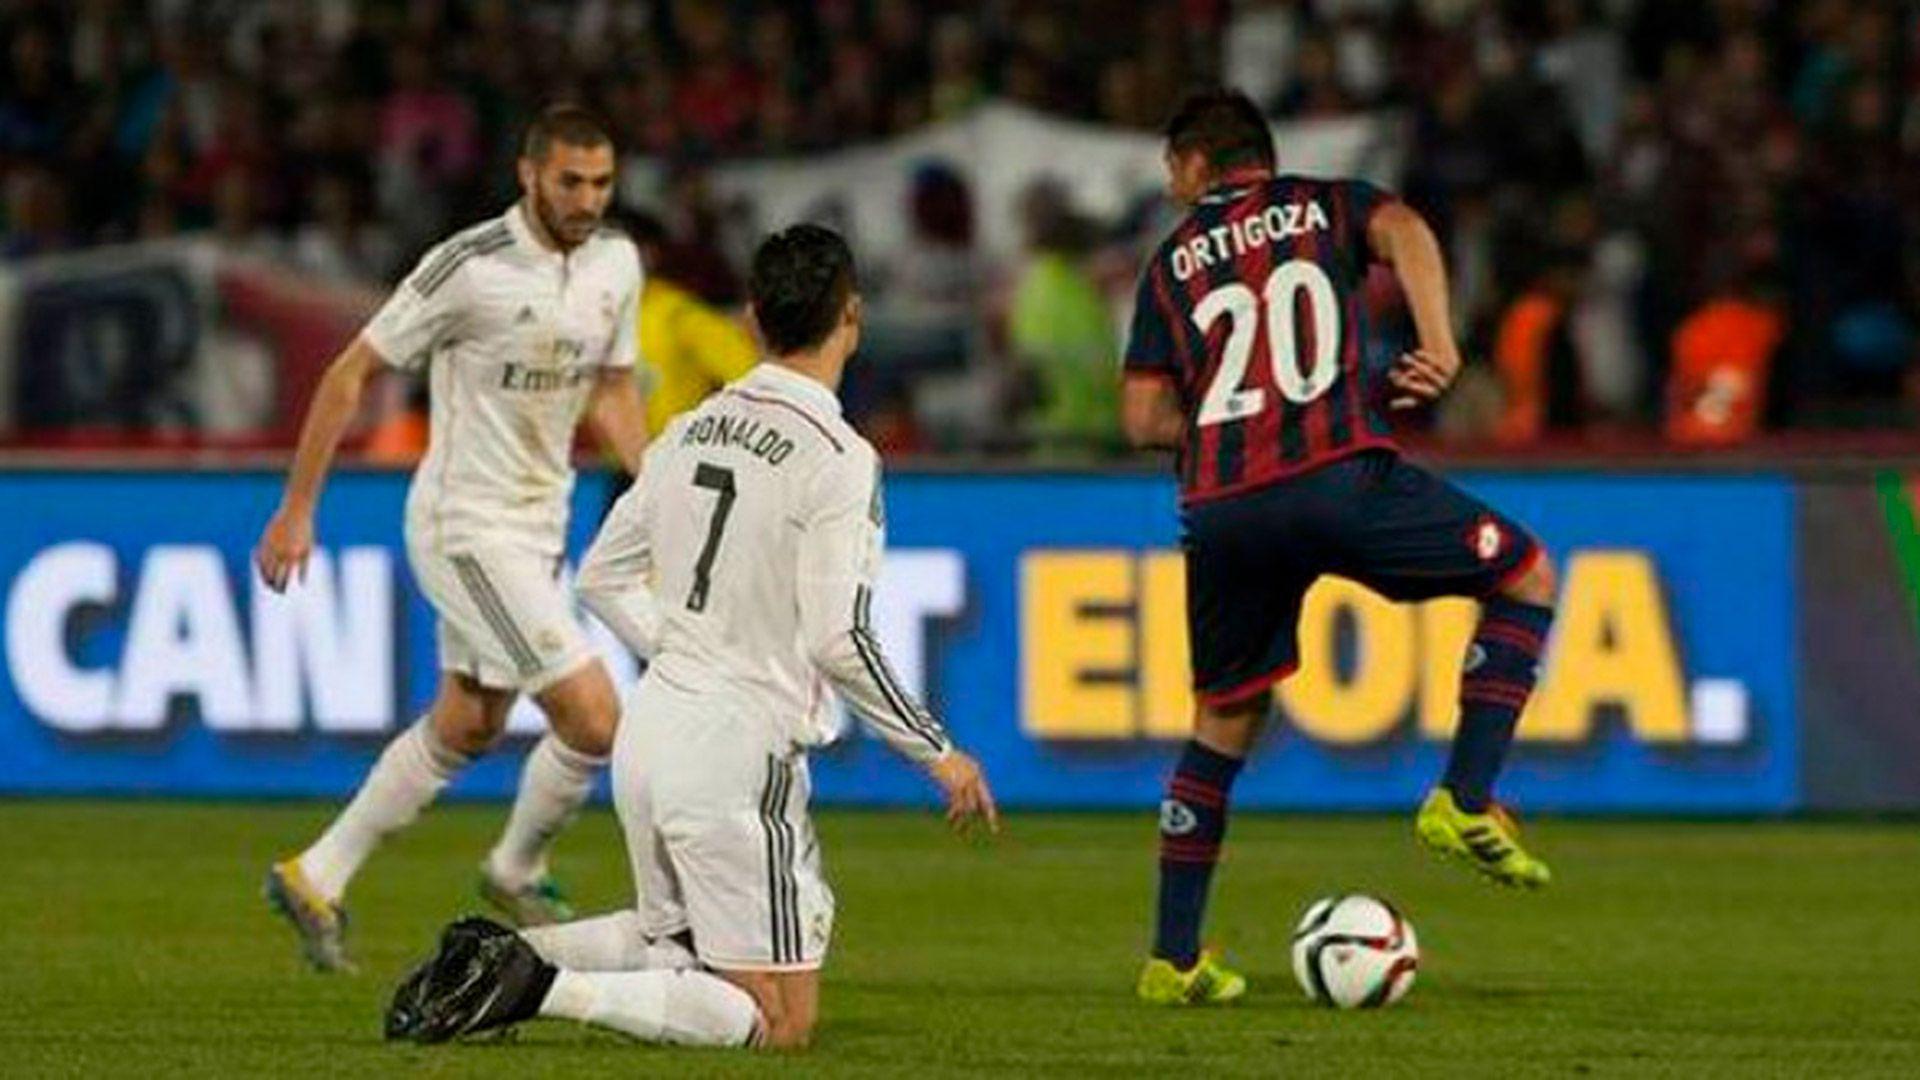 Ortigoza Cristiano Ronaldo